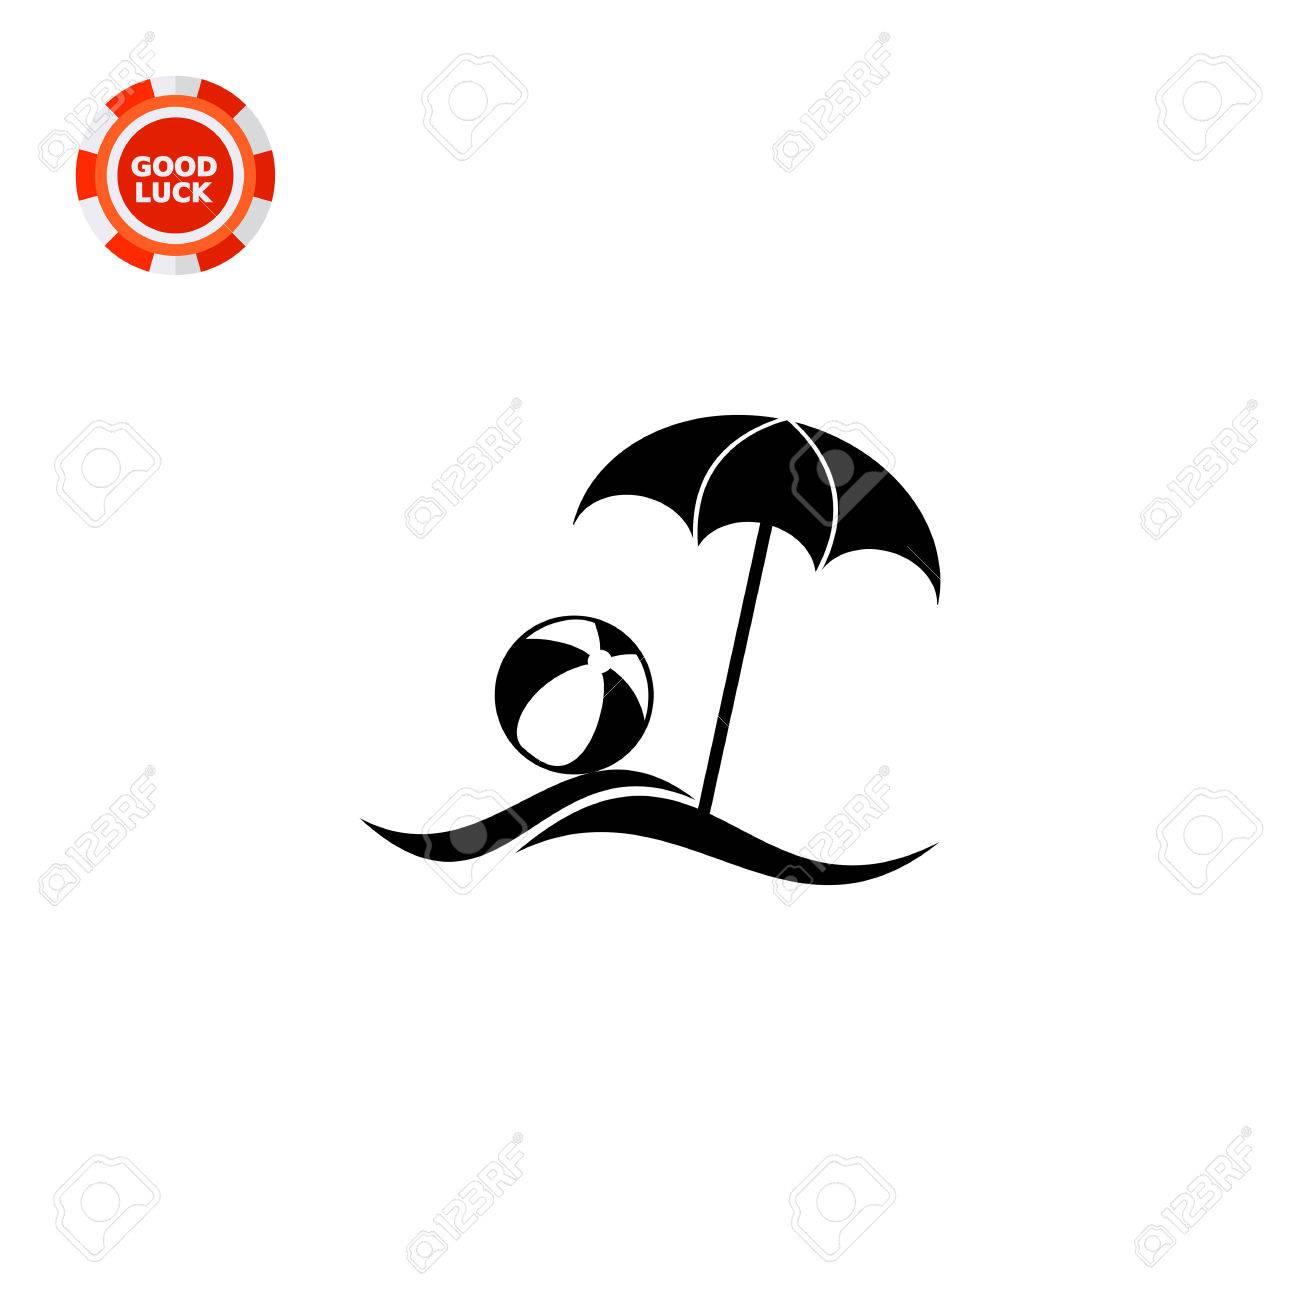 Disegni Di Spiaggia E Ombrelloni.Vettoriale Mare Spiaggia Con Ombrellone E Pallone Da Spiaggia